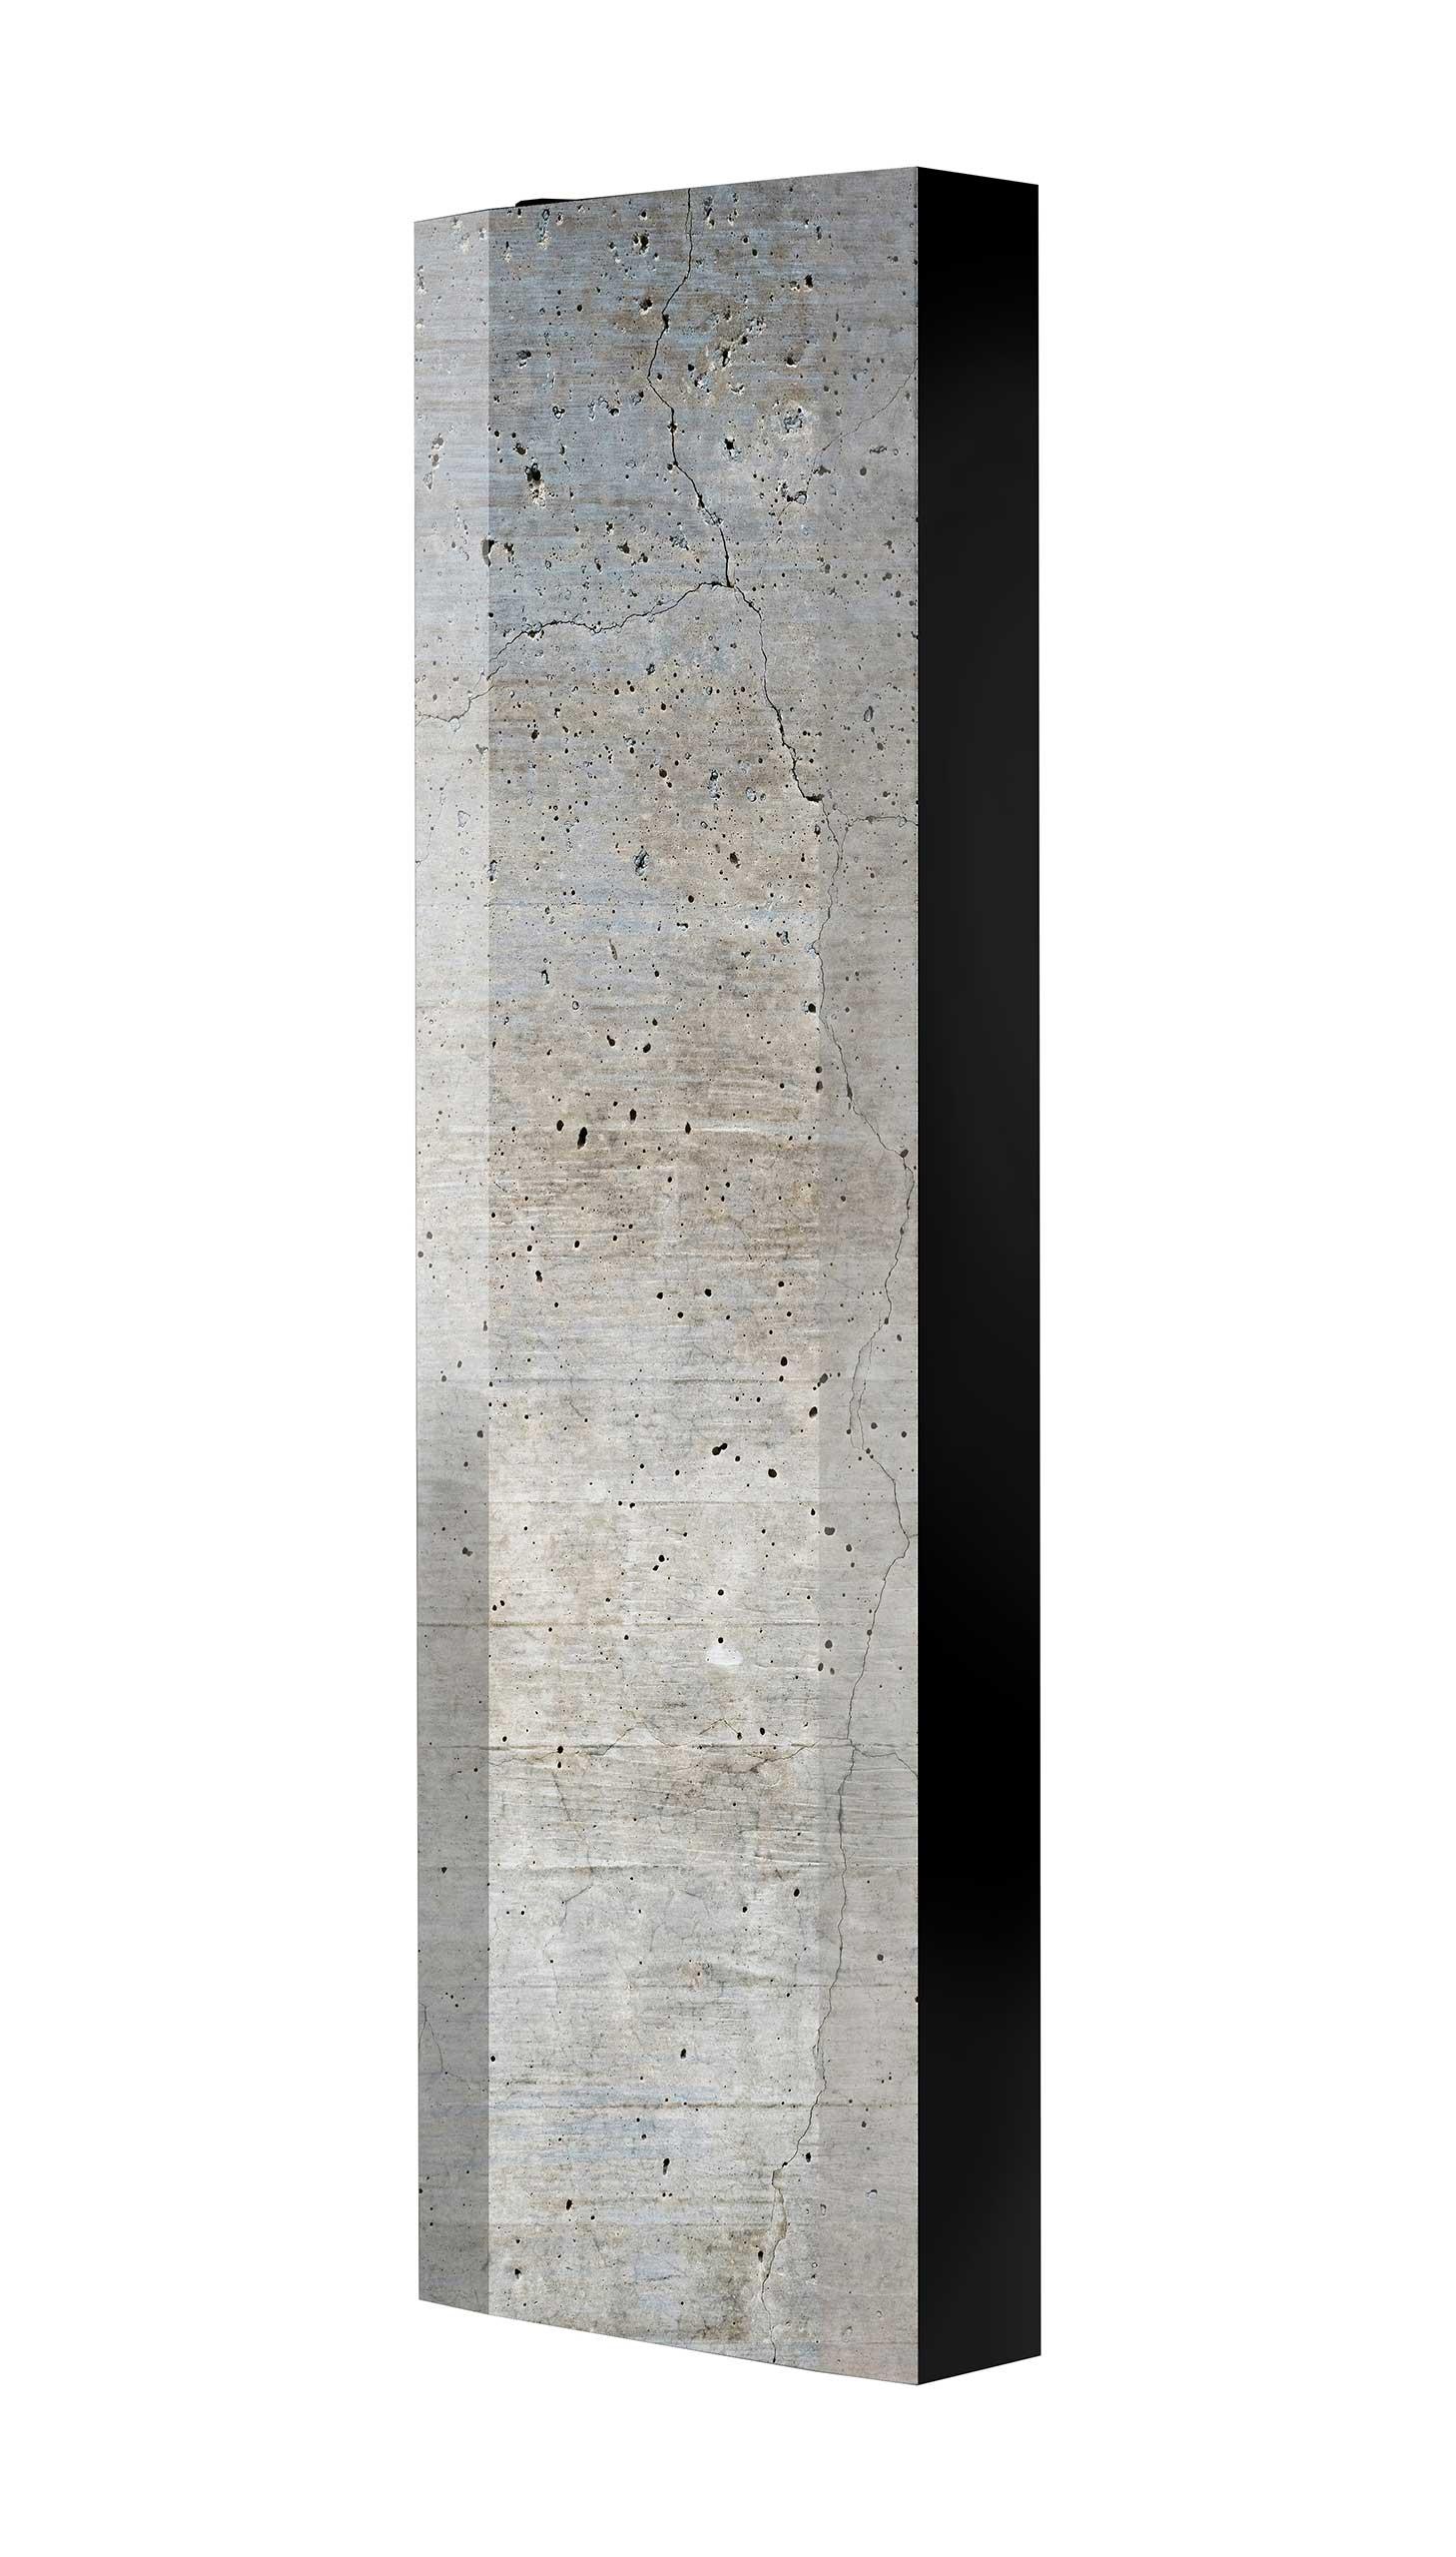 Schuhschrank FLASH 450 BLACK-EDITION Motivschrank schwarz drehbar M109 Beton